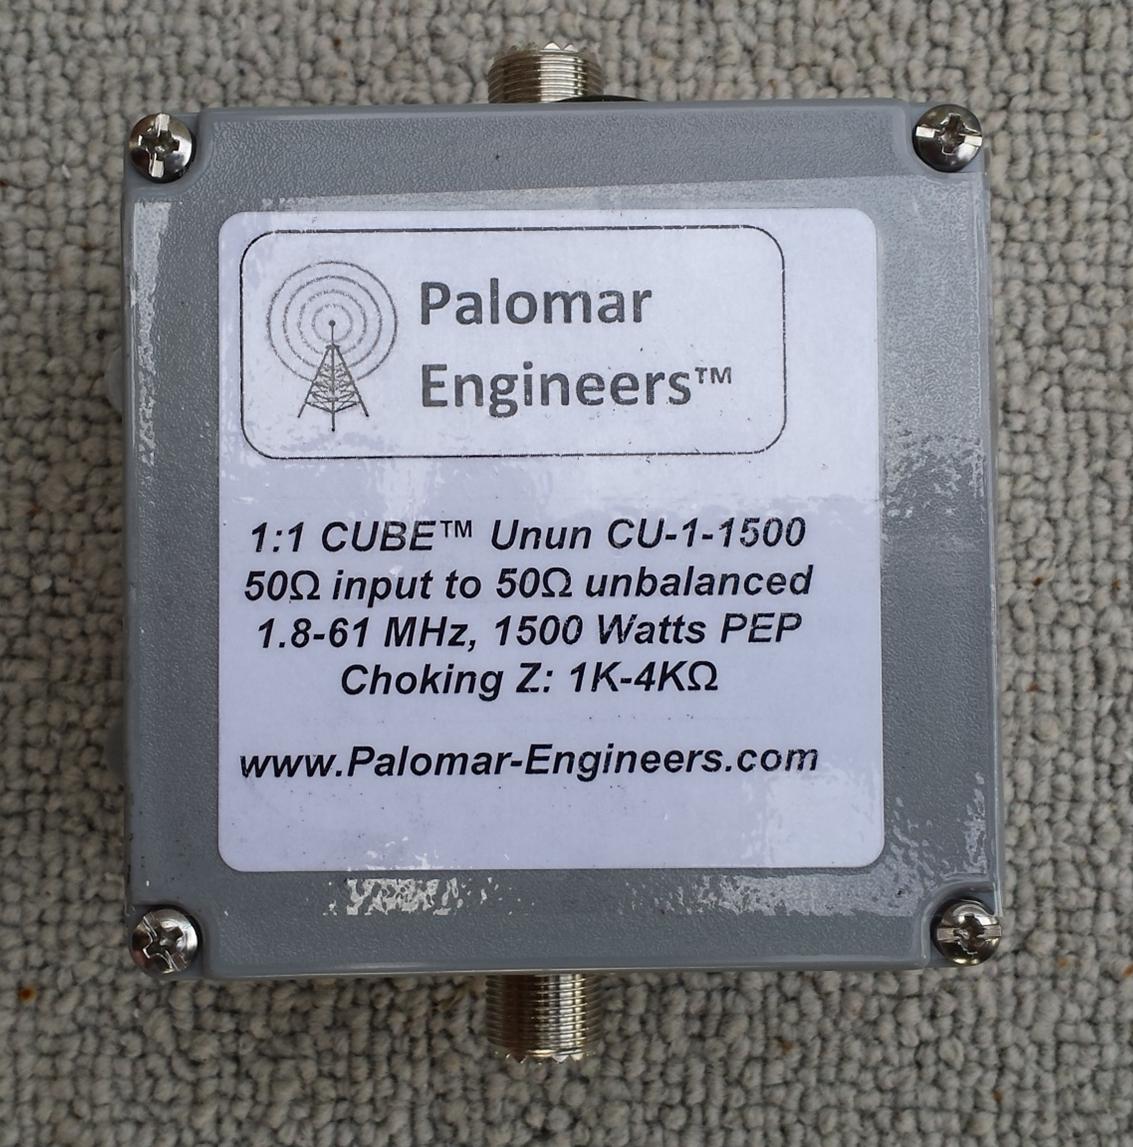 CUBE Feed Line Choke/Line Isolator Unun, 1.5KW, 1.8-61 MHz, 4K Ohms